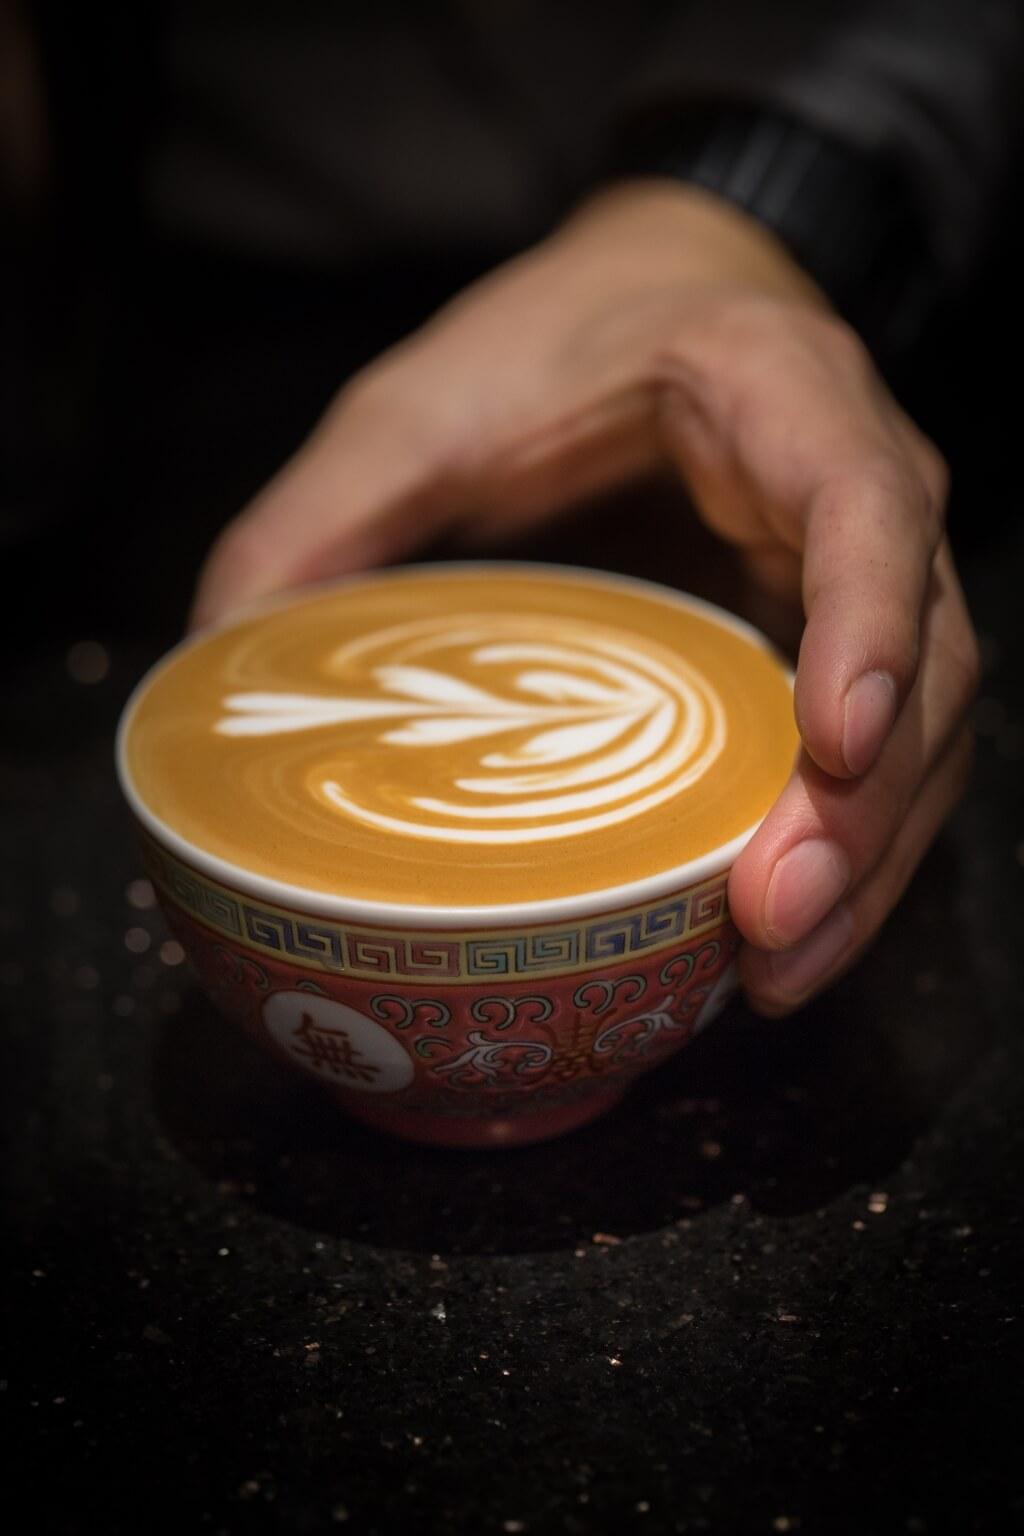 萬壽無疆杯主要盛載Latte,原 因瓷質可以使咖啡質地更濃 稠、厚滑,同時闊杯面更能呈 現拉花圖案。